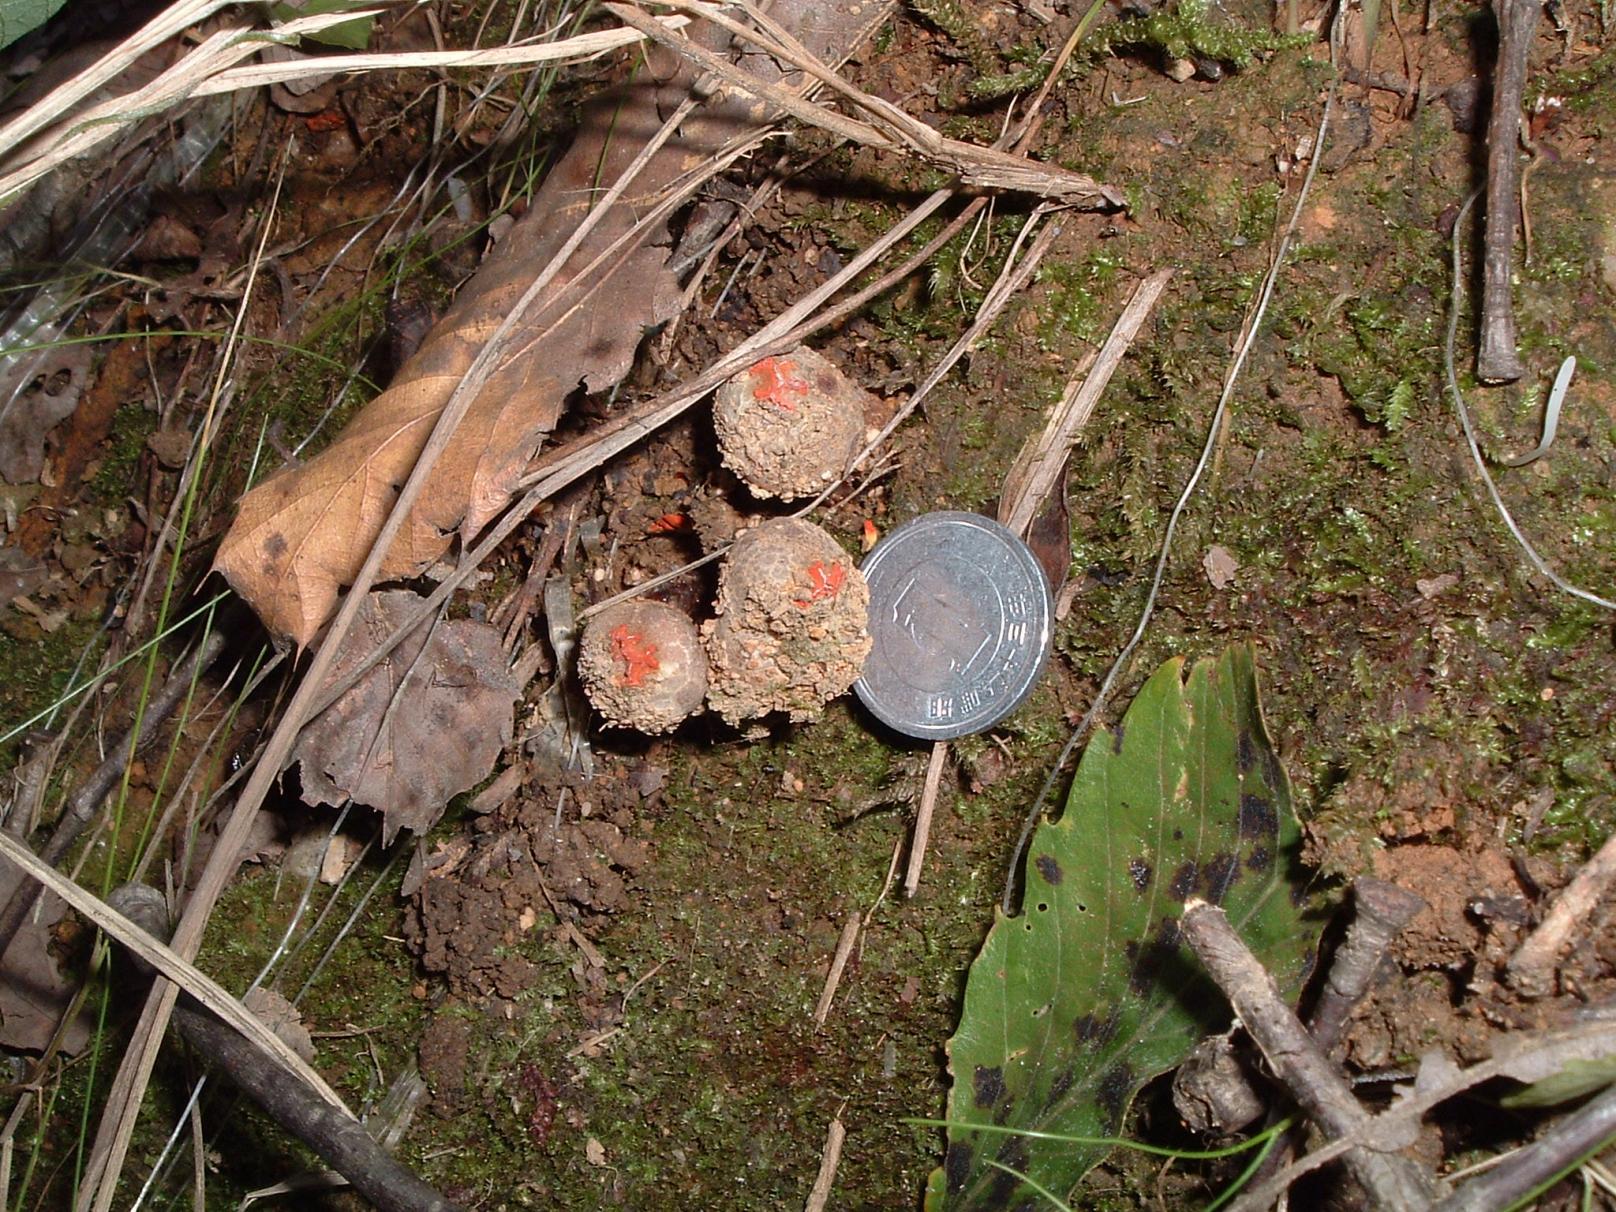 Calostoma japonicum P. Henn. クチベニタケ